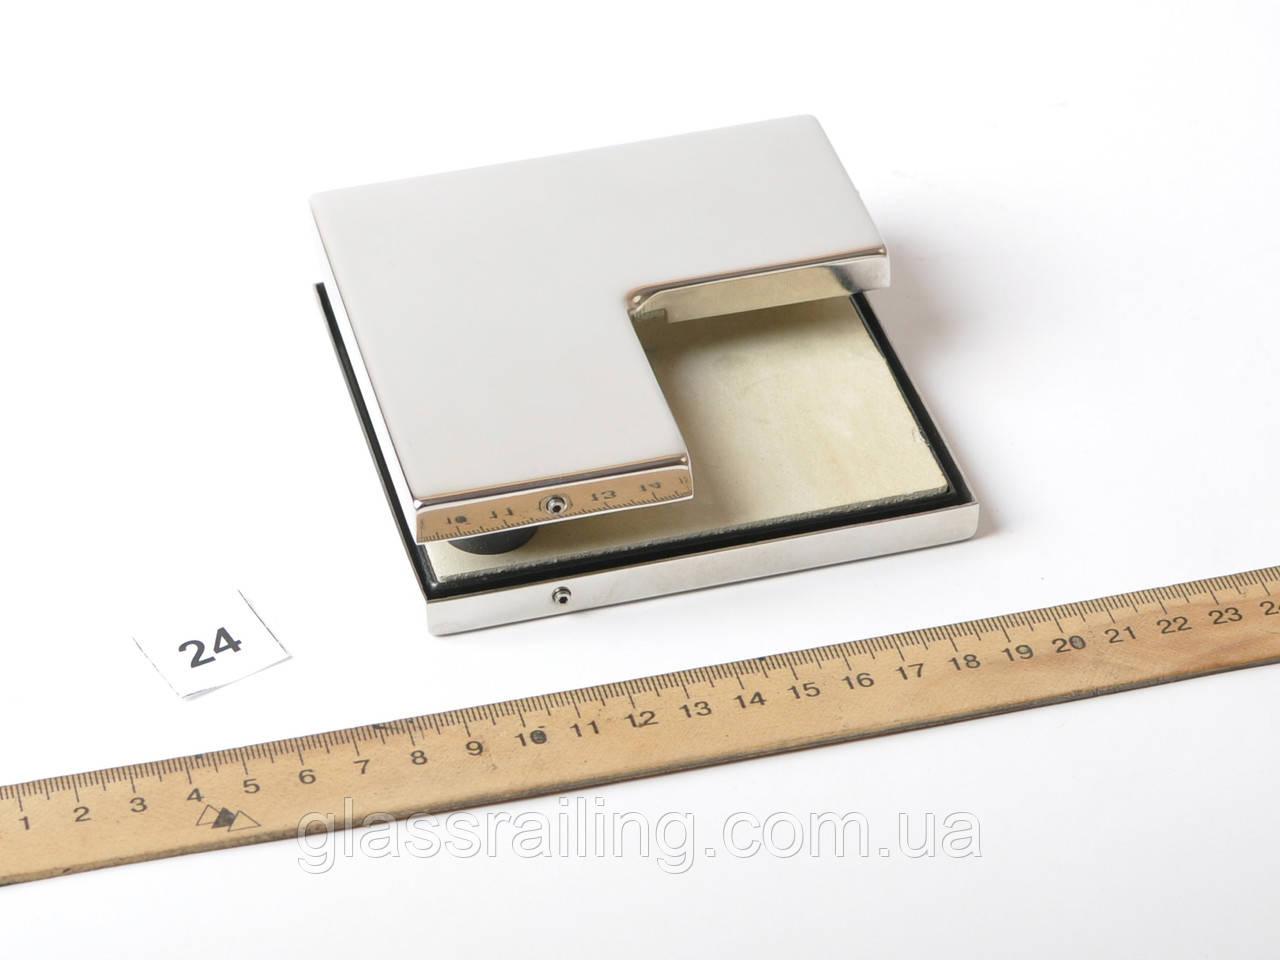 Фиттинг угловой без оси с огранчением открывания, фото 1